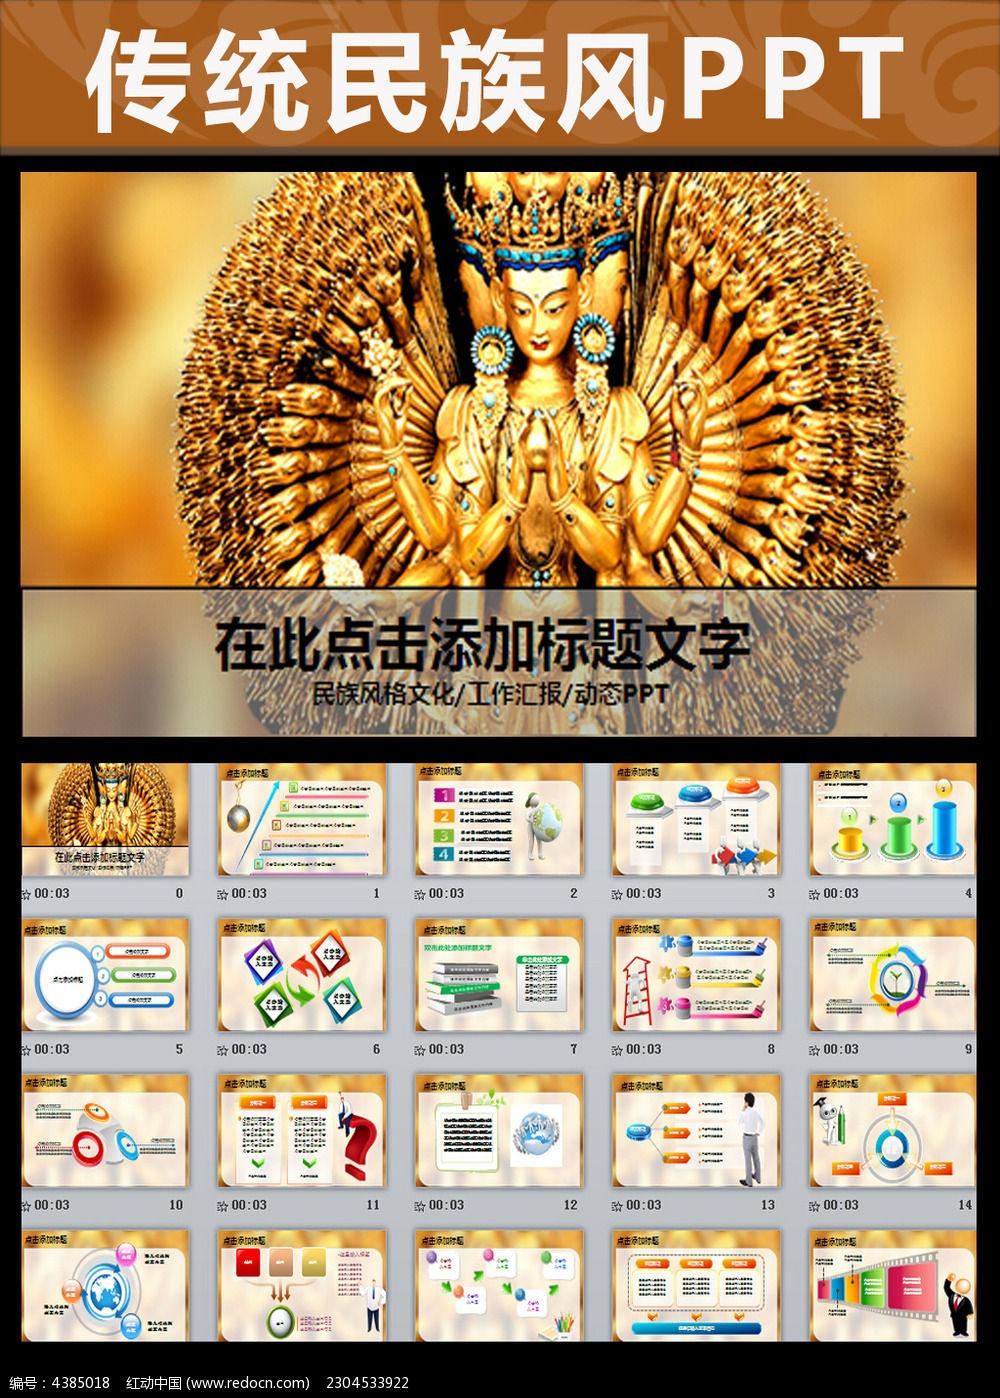 藏族佛教文化ppt动态模板